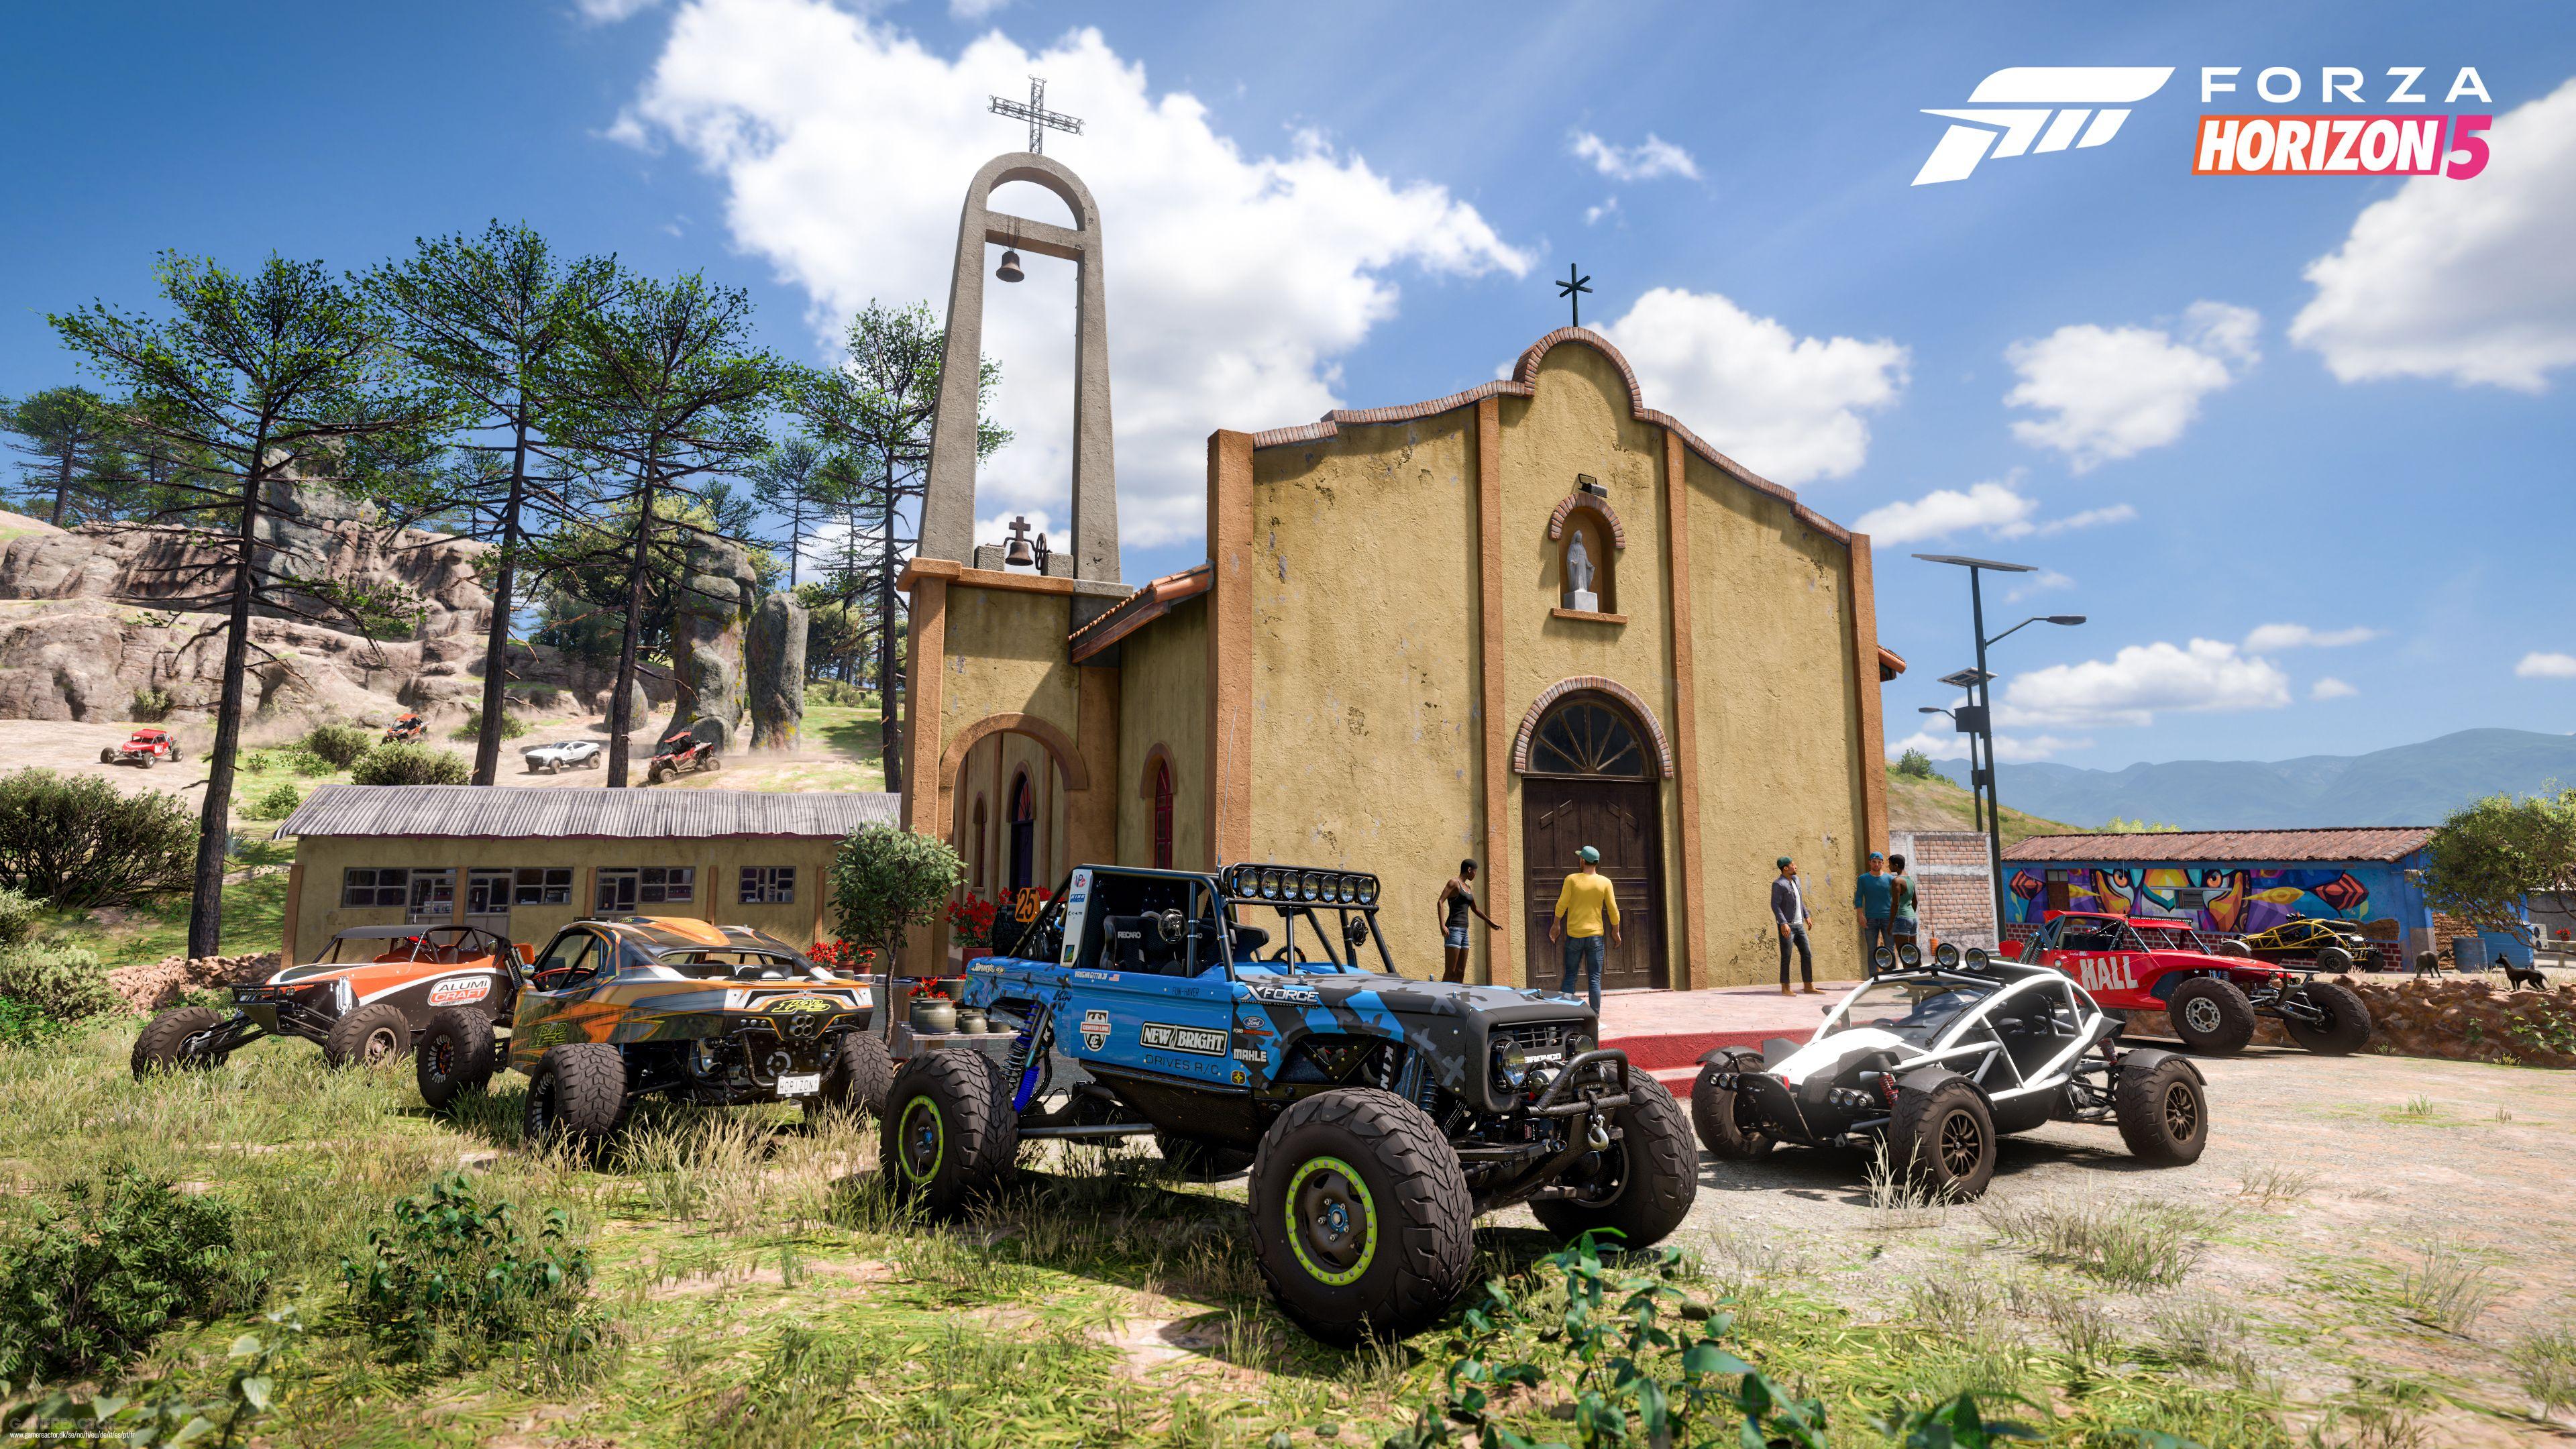 Nya bilder och mer information om Forza Horizon 5